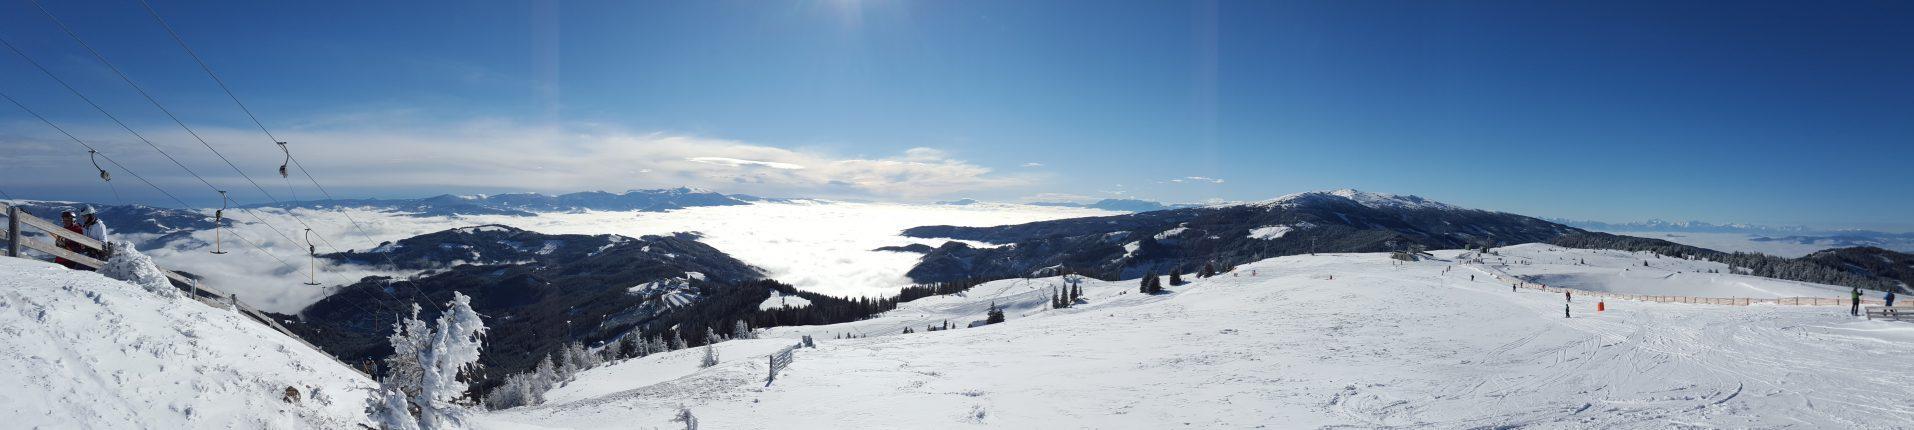 Almrauschhütte Klippitztörl – Ihr Wohlfühlurlaub in Kärnten